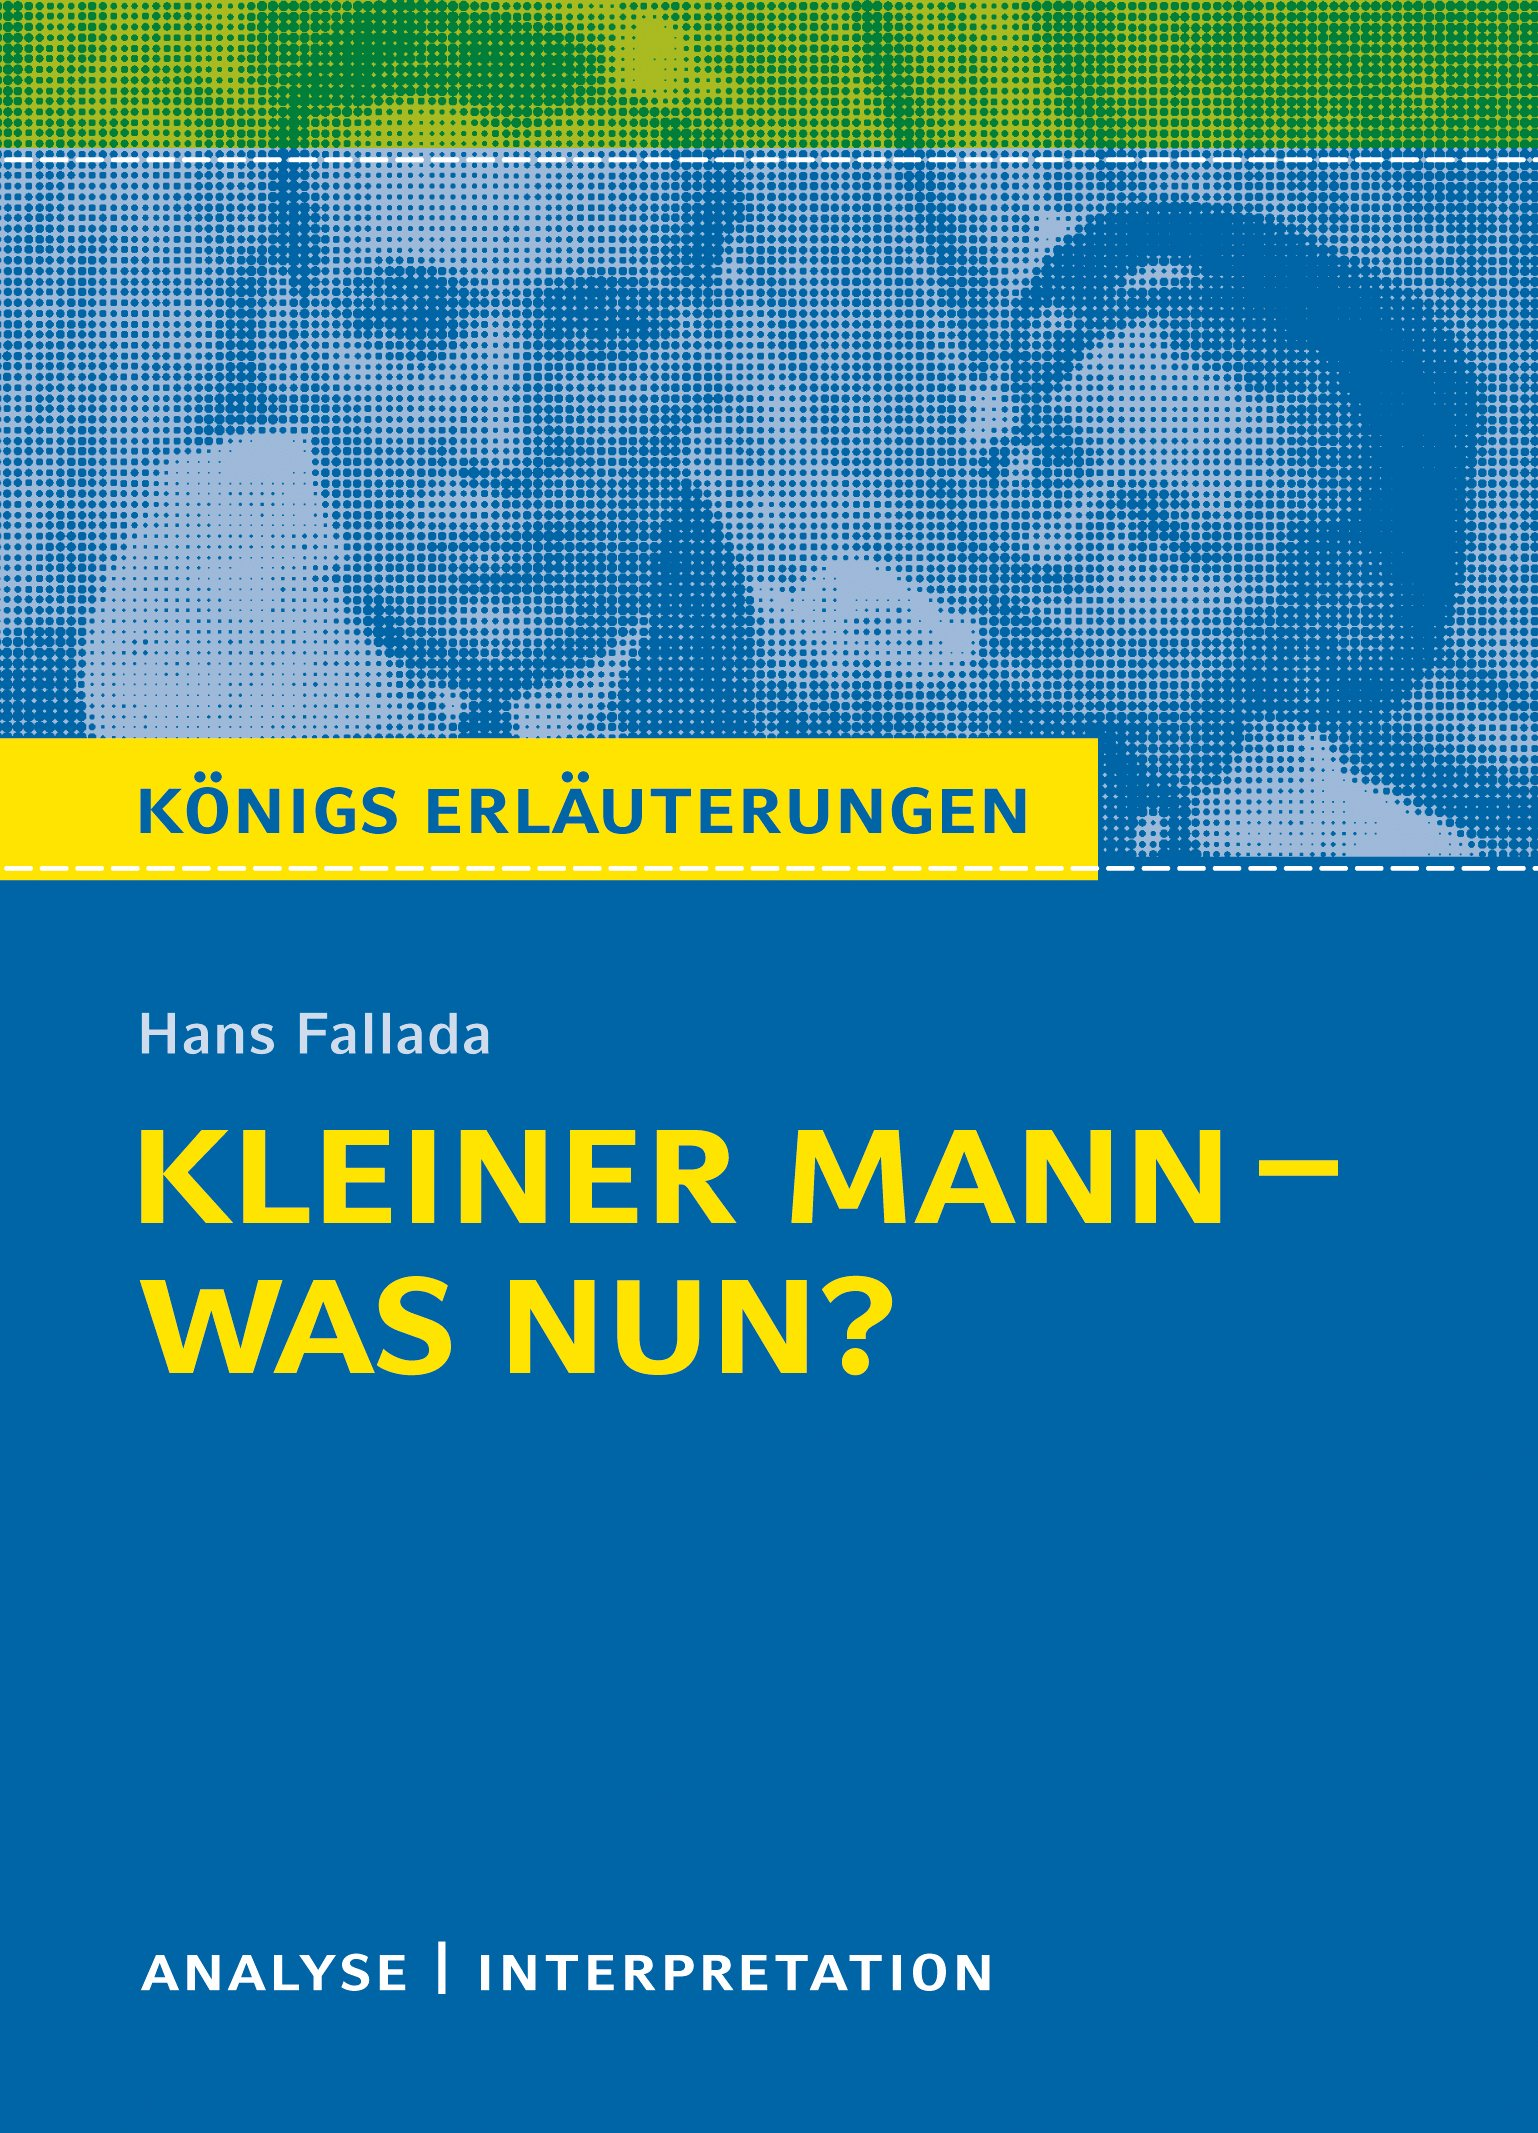 Königs Erläuterungen: Kleiner Mann - was nun? von Hans Fallada.: Textanalyse und Interpretation mit ausführlicher Inhaltsangabe und Abituraufgaben mit Lösungen